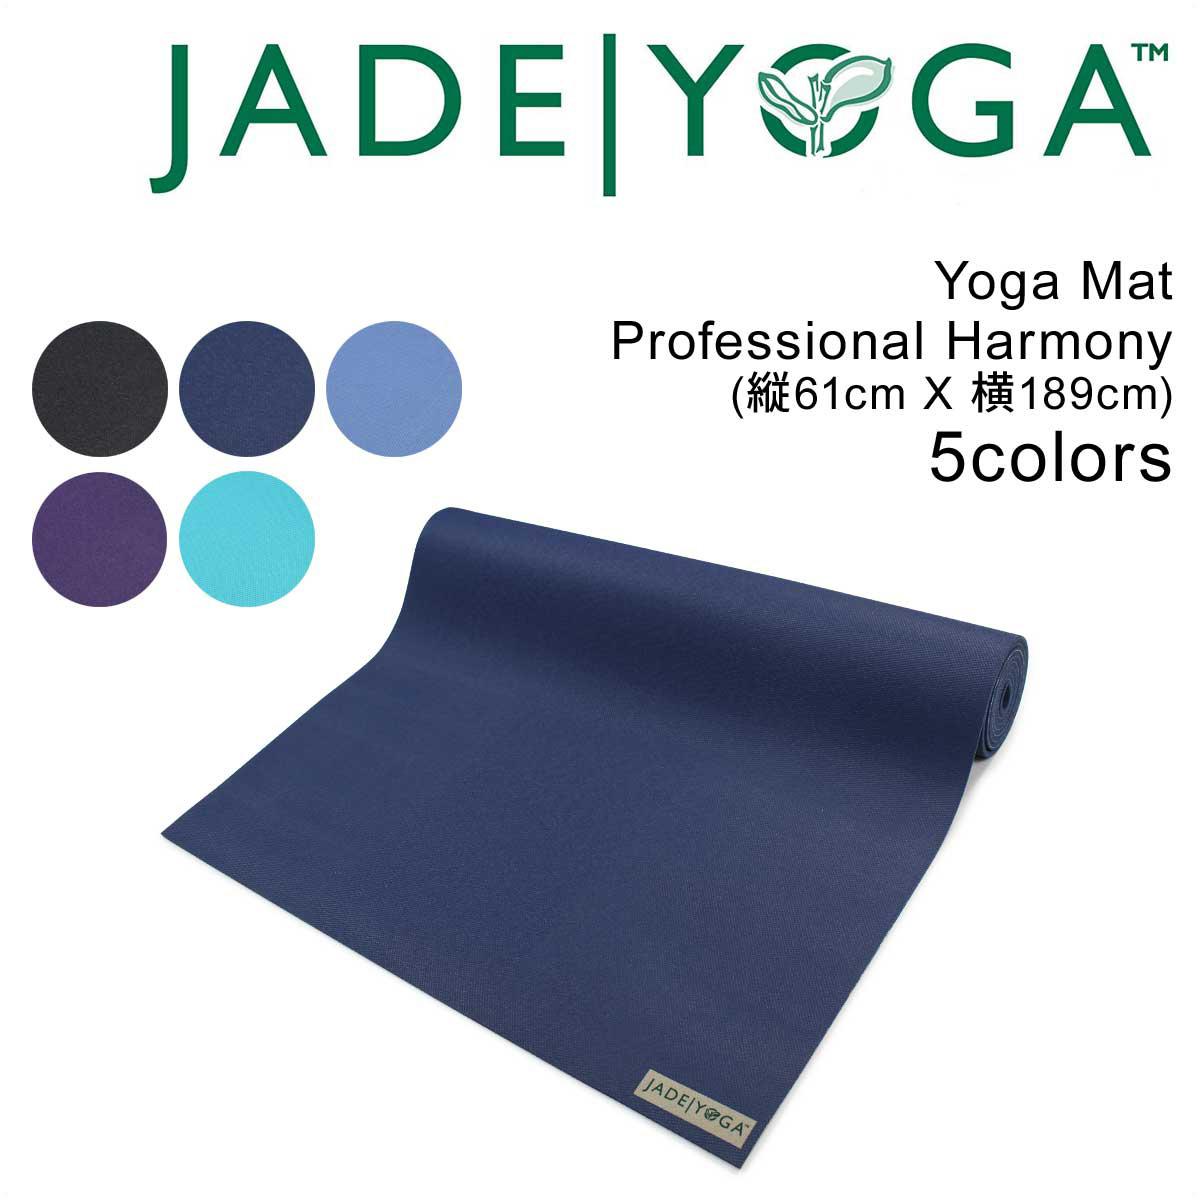 ジェイド ヨガ マット ハーモニー 189cm×61cm JADE YOGA ヨガマット ピラティス エクササイズ プロフェッショナル HARMONY PROFESSIONAL メンズ レディース